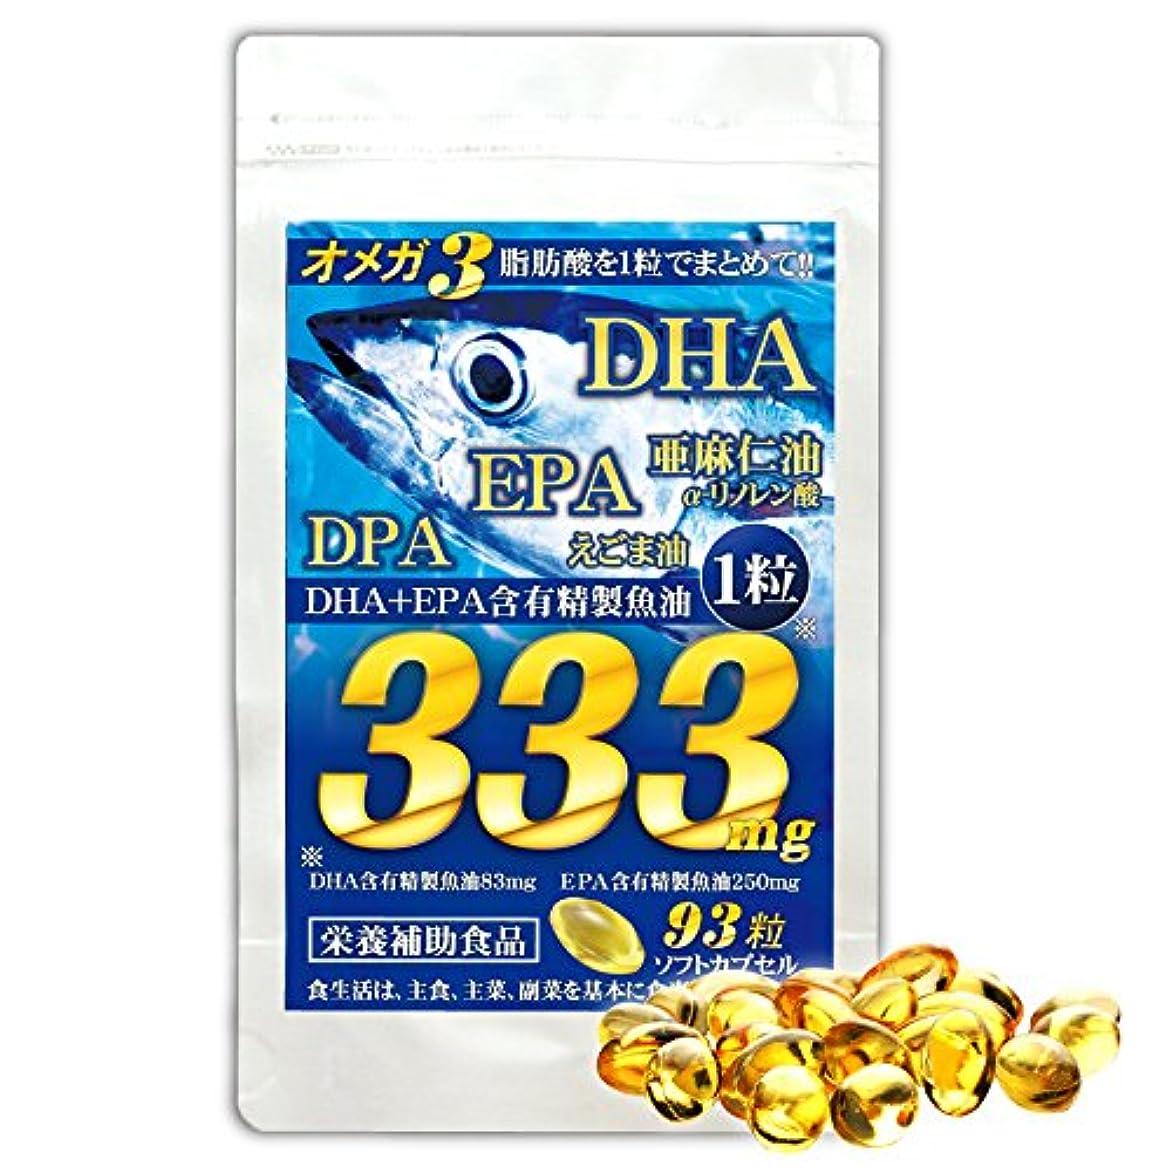 ゴールデン無限大デッドロック(大容量:約3ヵ月分/93粒)超高配合!青魚 de DHA + EPA